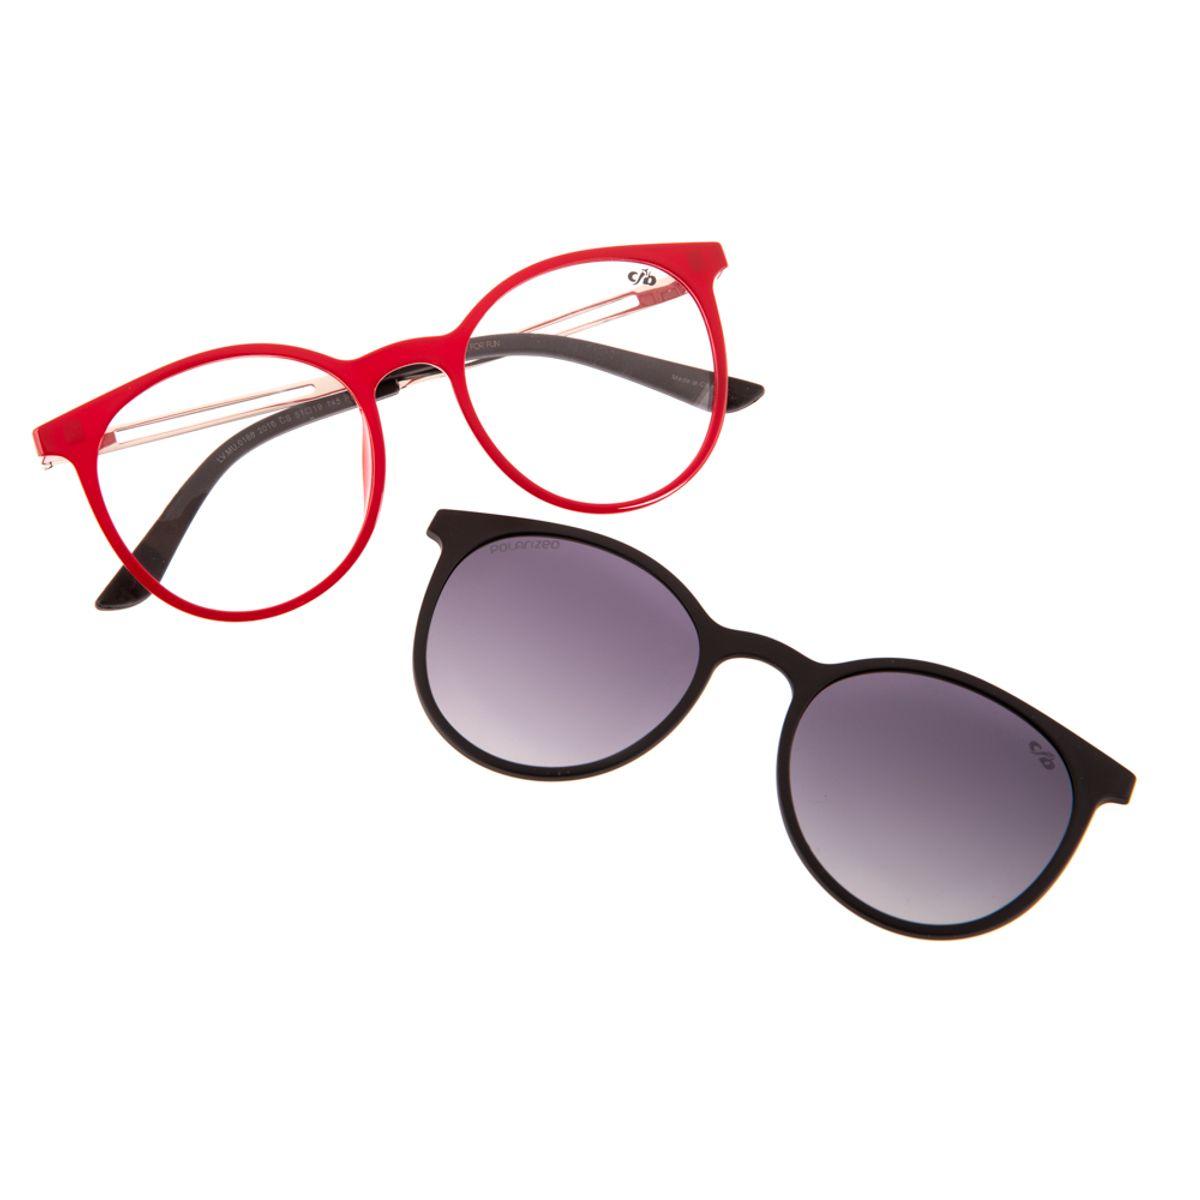 06d3fb754ab12 Armação para Óculos de Grau Feminino Chilli Beans Redondo Polarizado ...